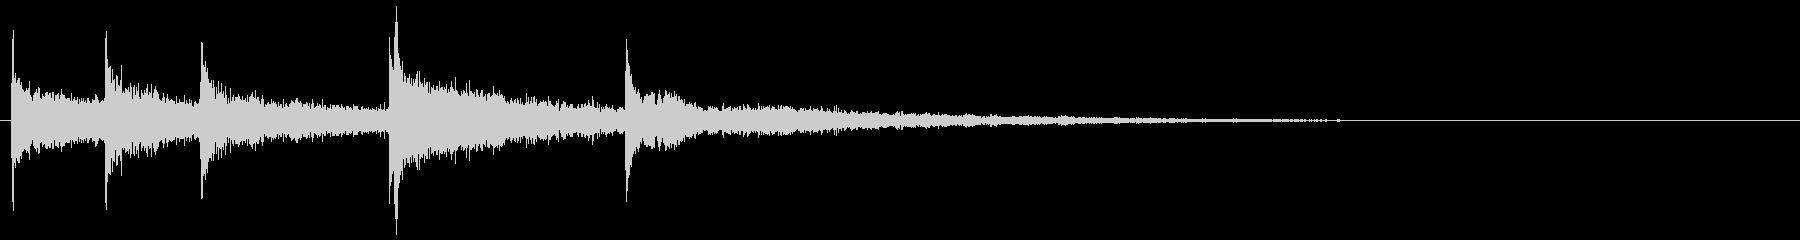 タイトルバック ホラー 15の未再生の波形